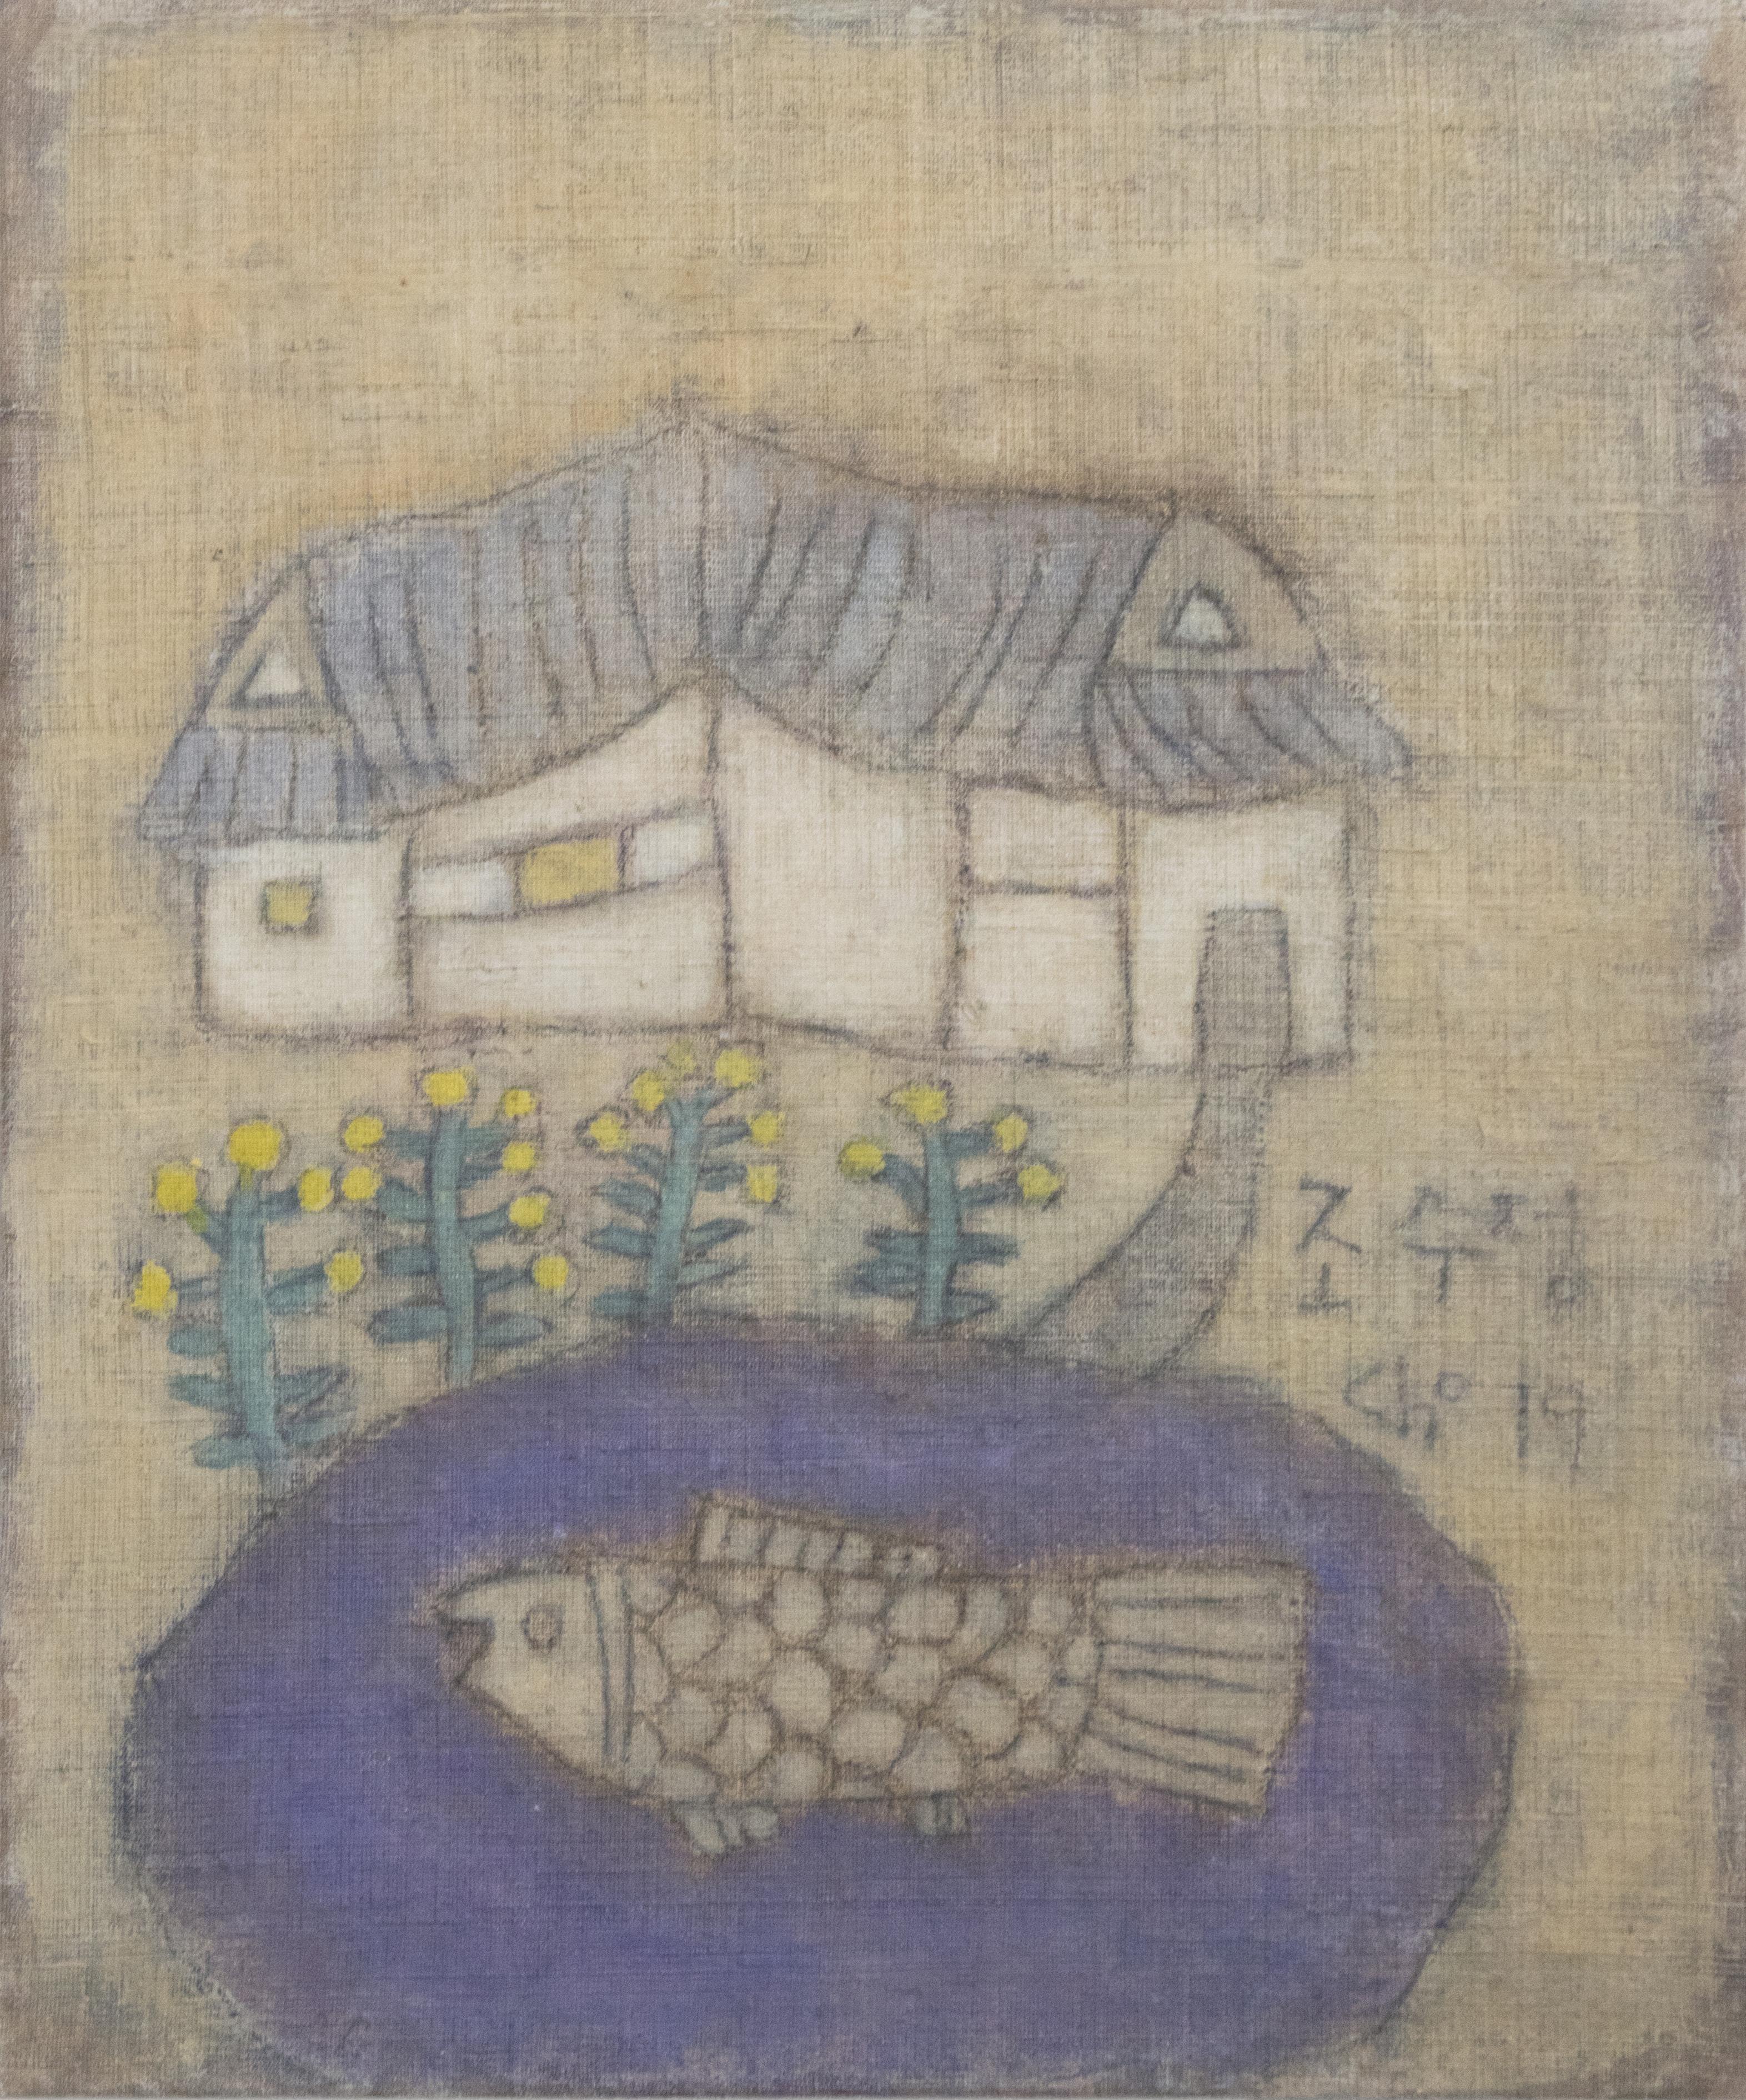 조수정, 009, 연못이 있는 집, 50.5 x 61